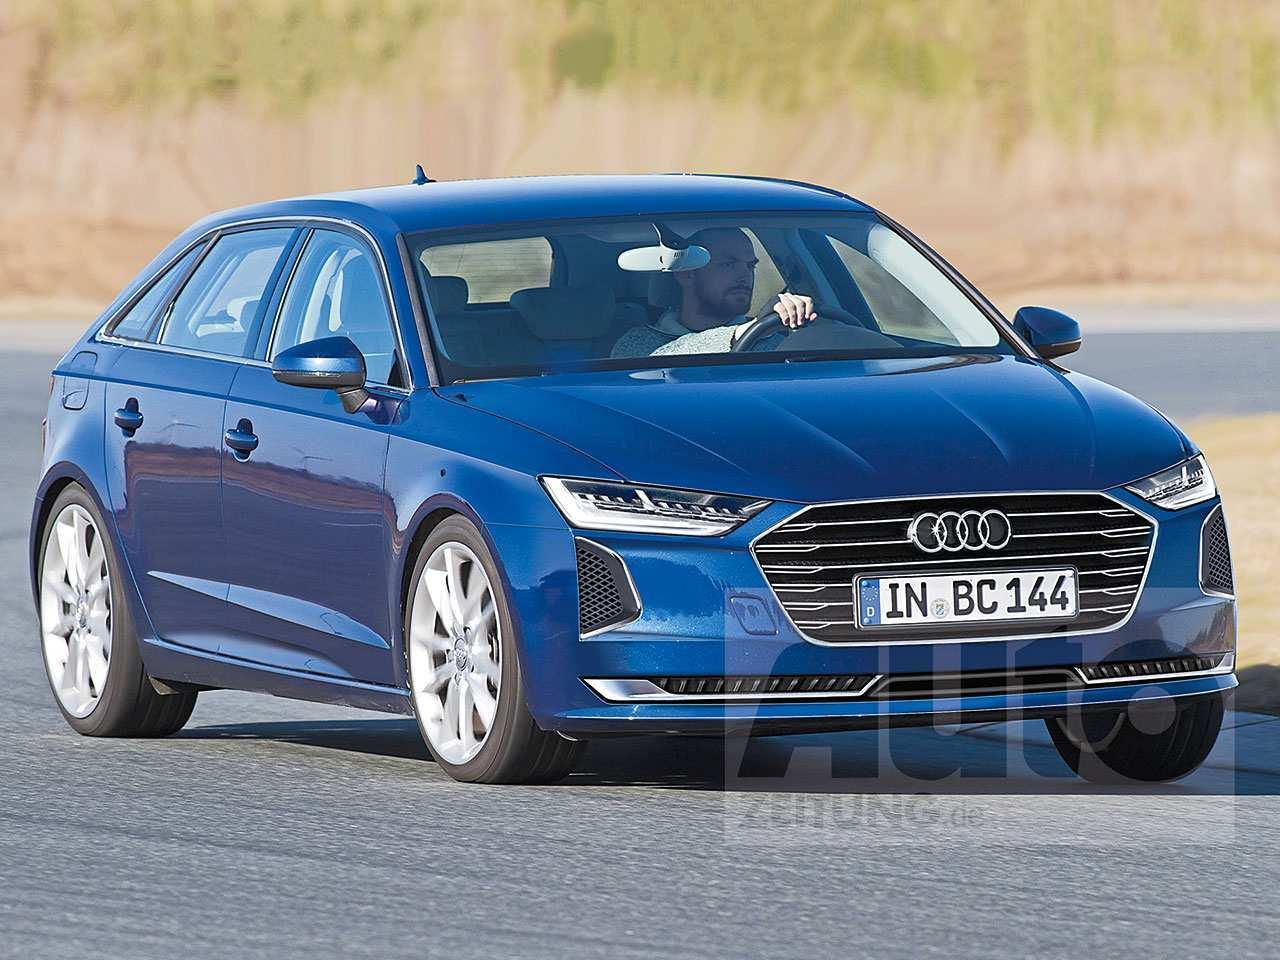 96 Gallery of Audi Neuheiten Bis 2020 Spy Shoot for Audi Neuheiten Bis 2020